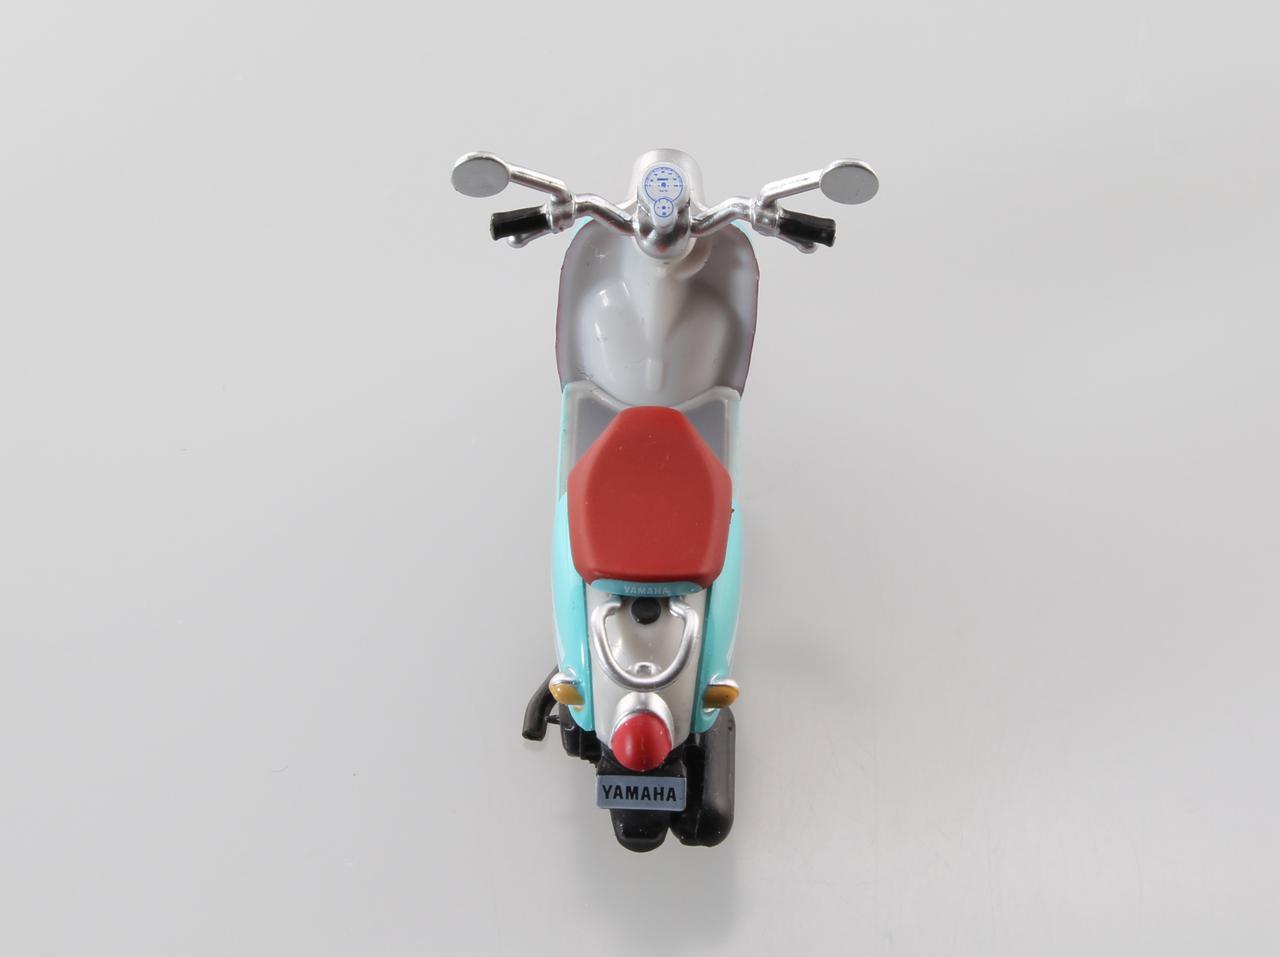 Images : 10番目の画像 - ヤマハ「ビーノ」1/32スケール・カプセルトイの写真を全て見る - webオートバイ